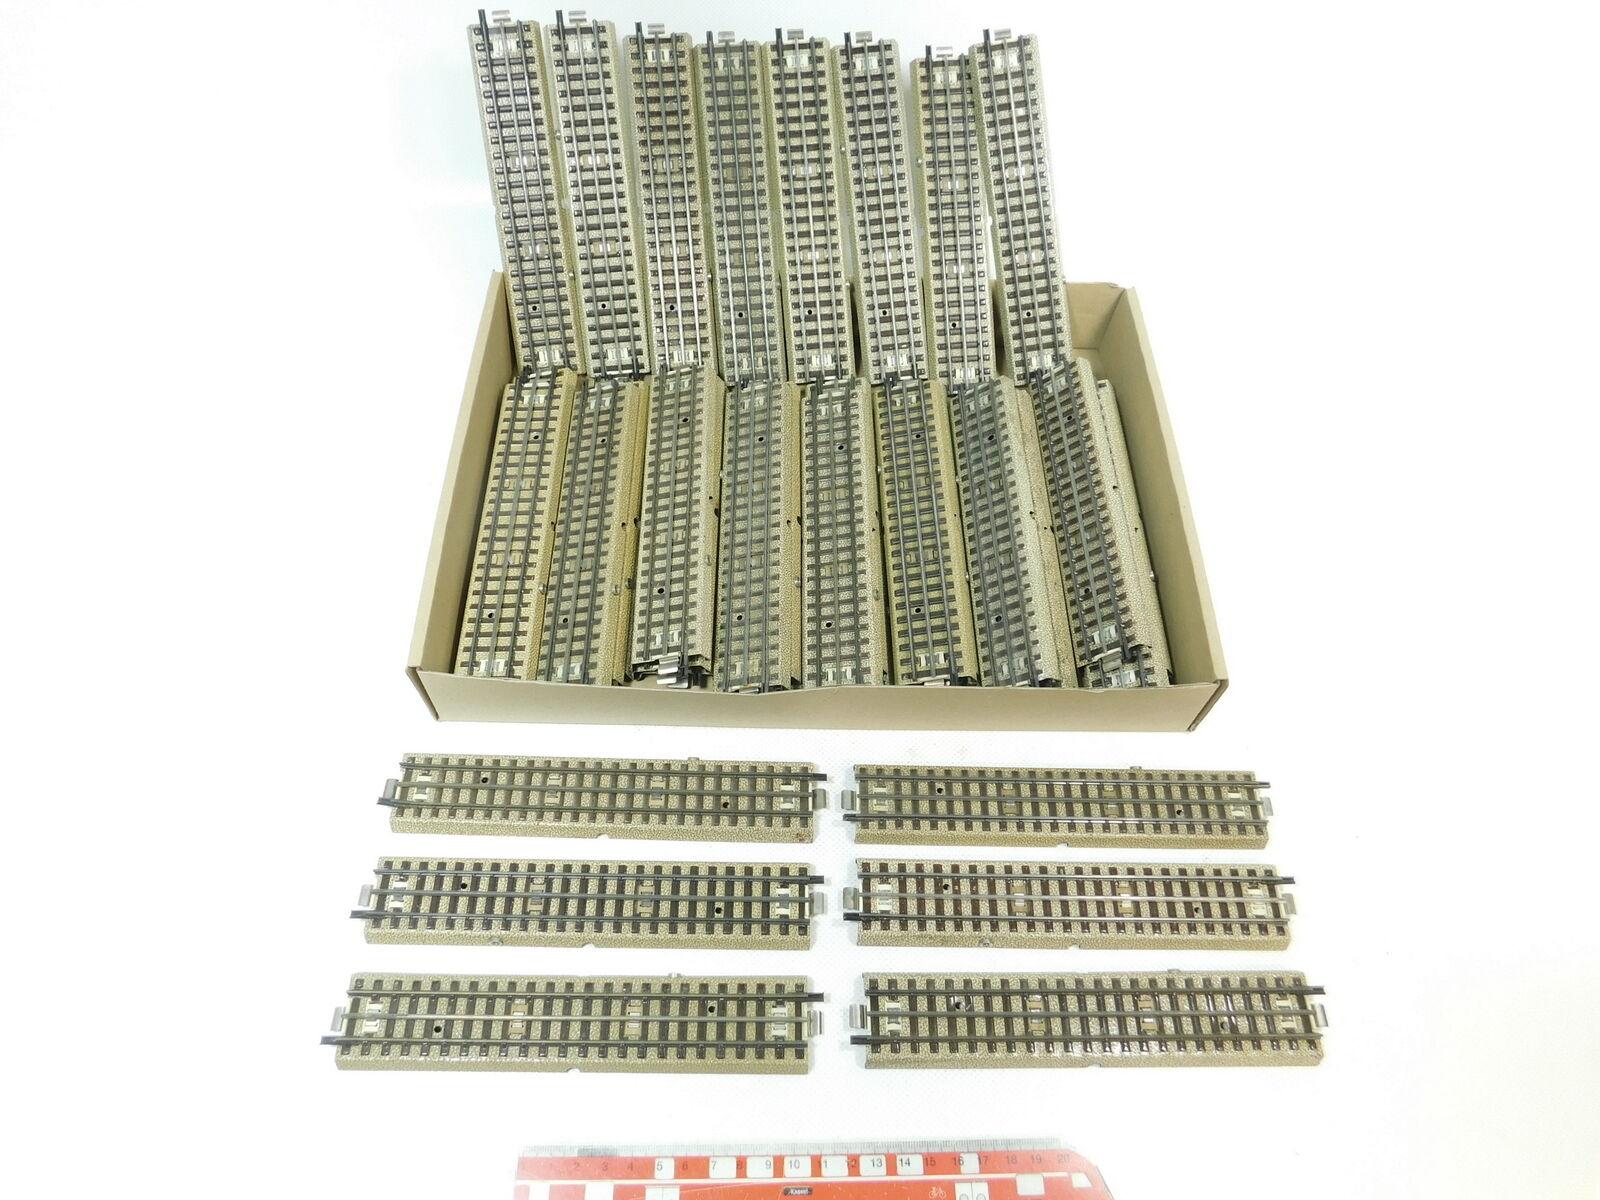 BF7132 40x marklin H0 00 Ac Binariorossoaie M PISTA per 3600 800 Terza